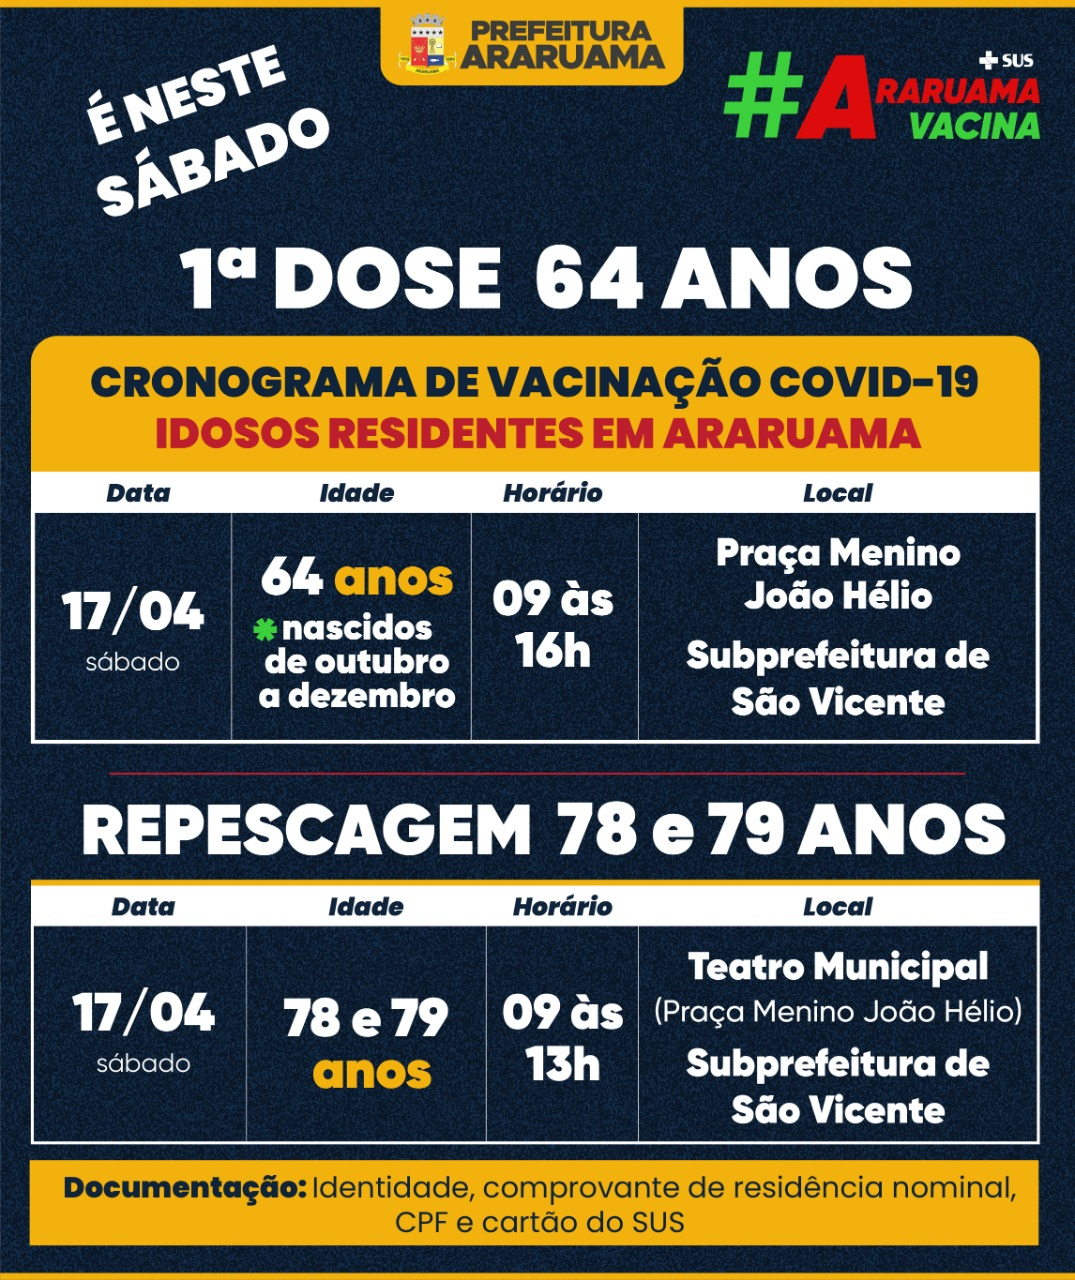 Calendário de vacinação para esse sábado, 17